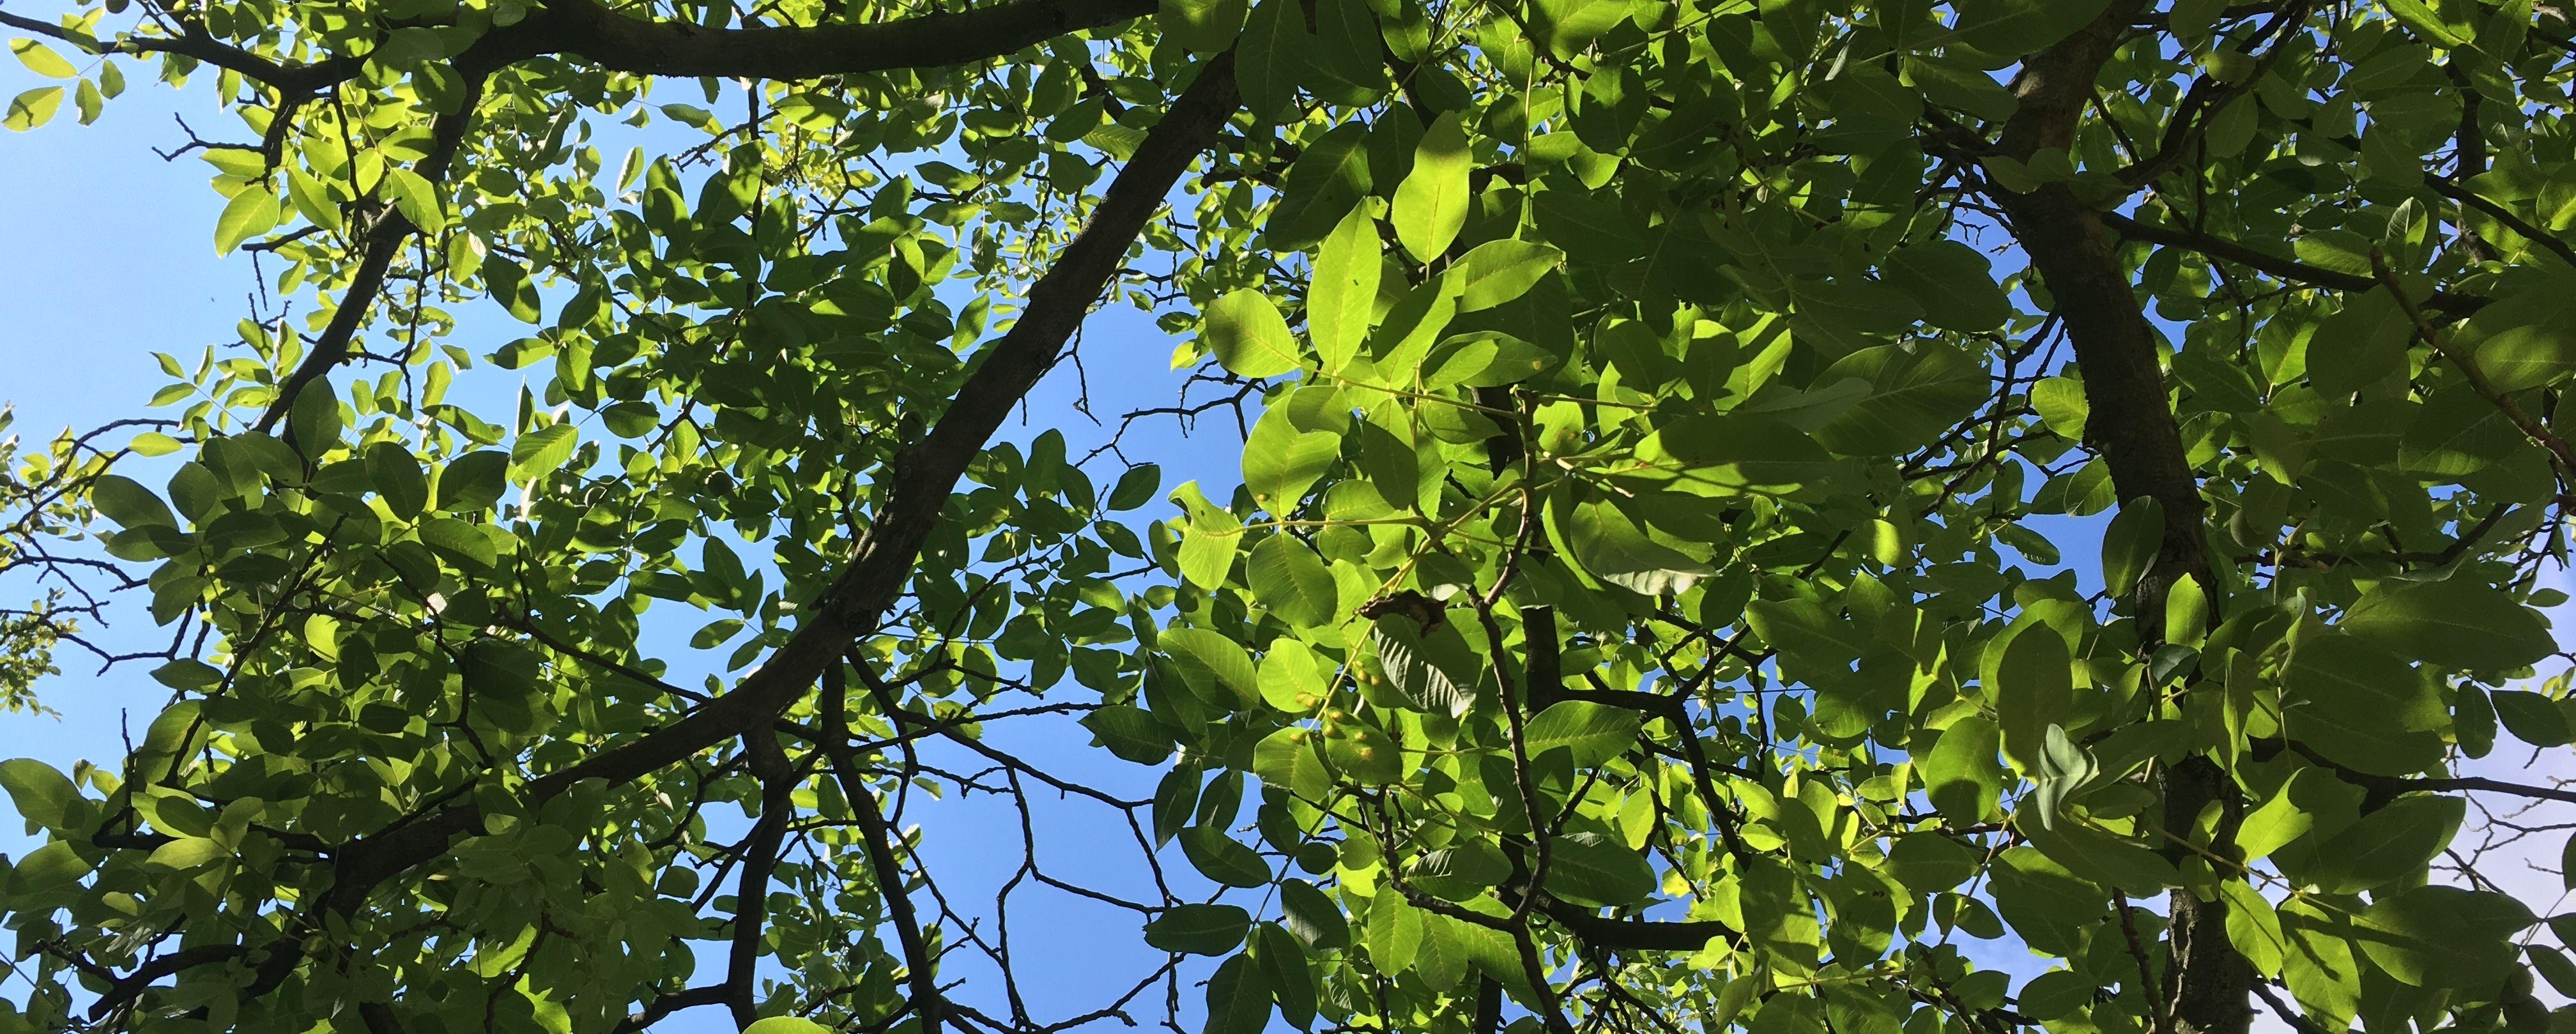 Das Bild zeigt ein Blätterdach.